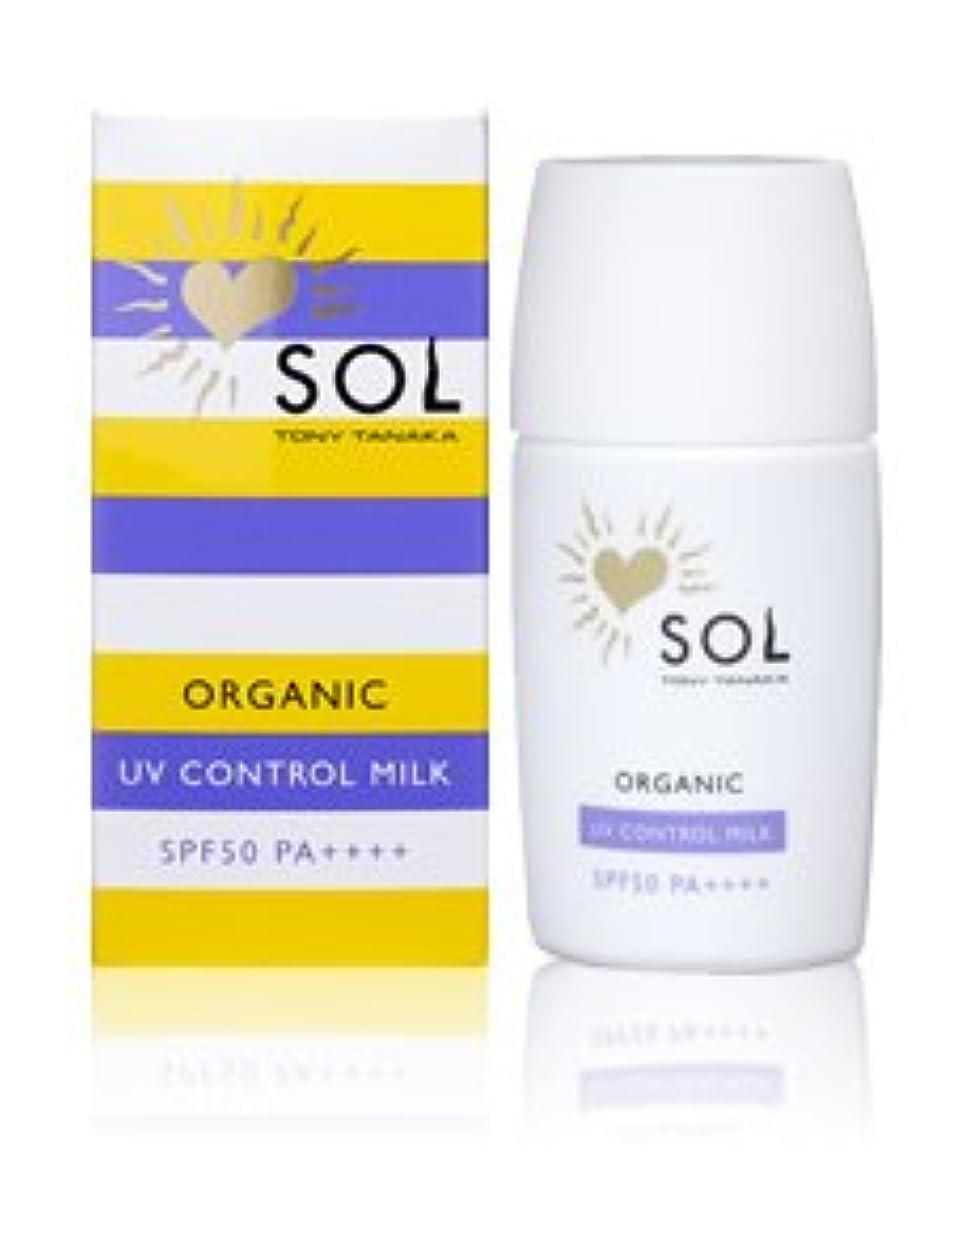 トニーズコレクション SOL オーガニック UVコントロールミルク 30g 【トニータナカ】